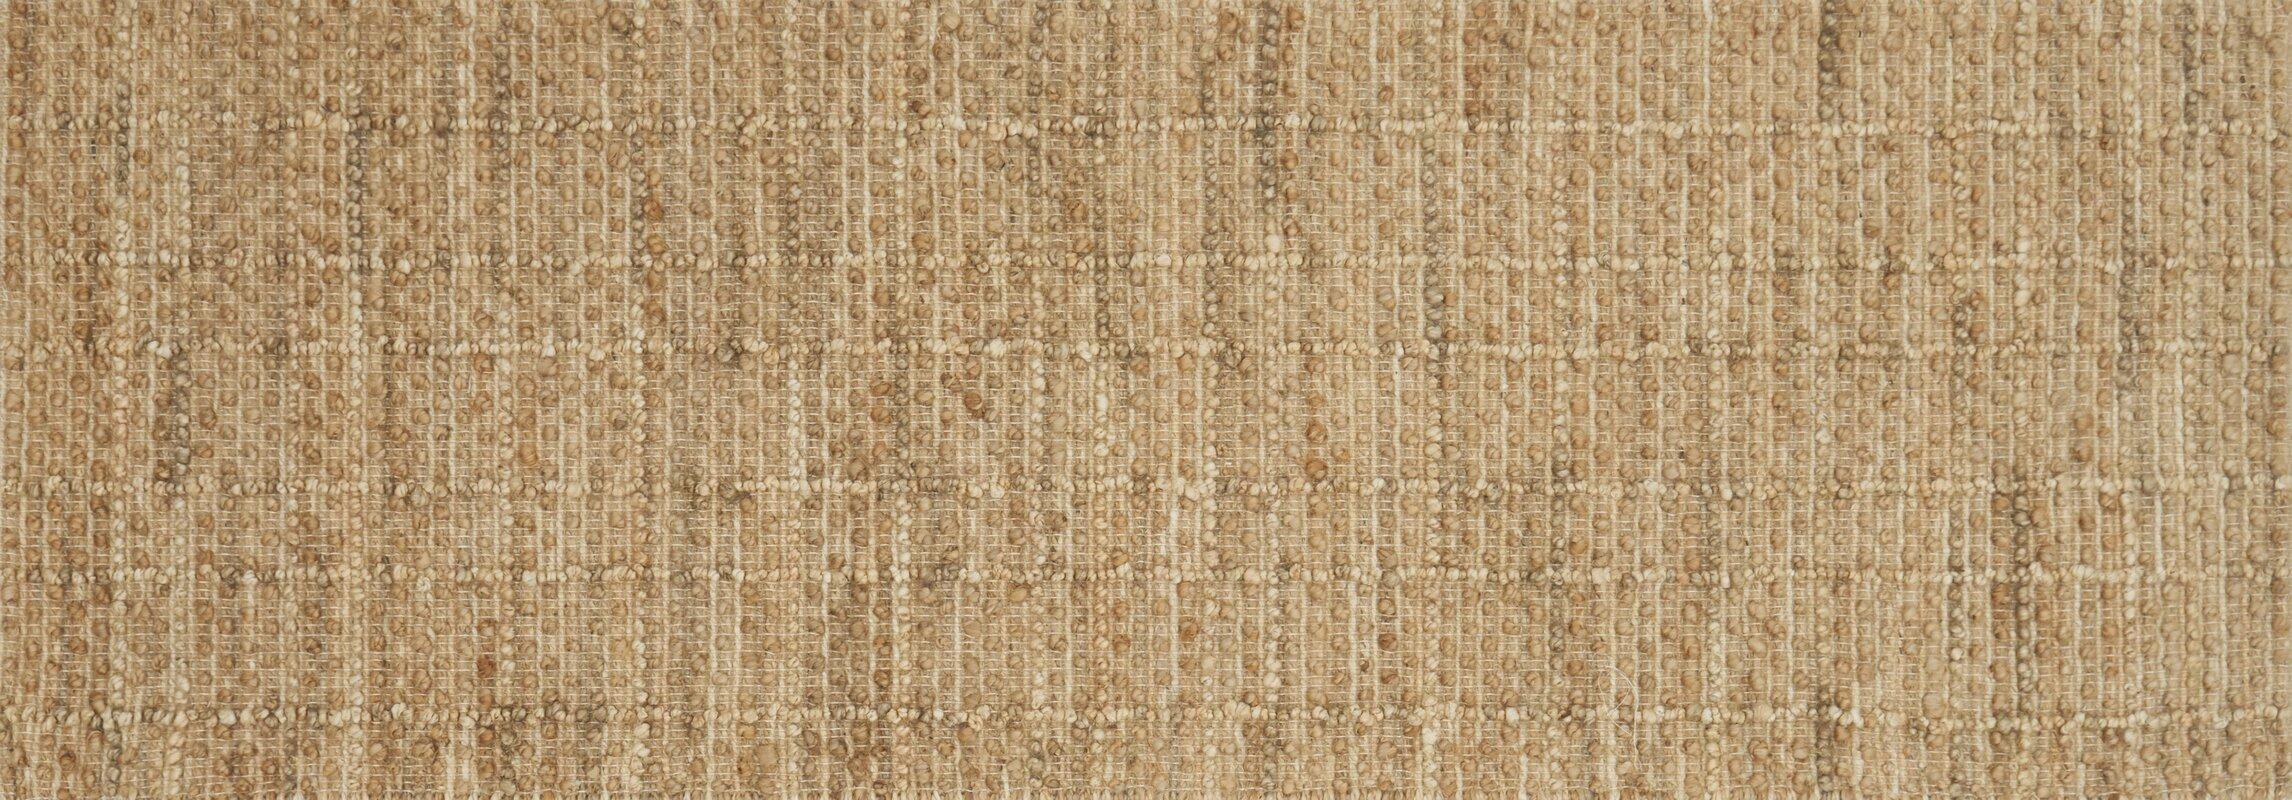 Beacon Hand Woven Brown Area Rug Amp Reviews Perigold